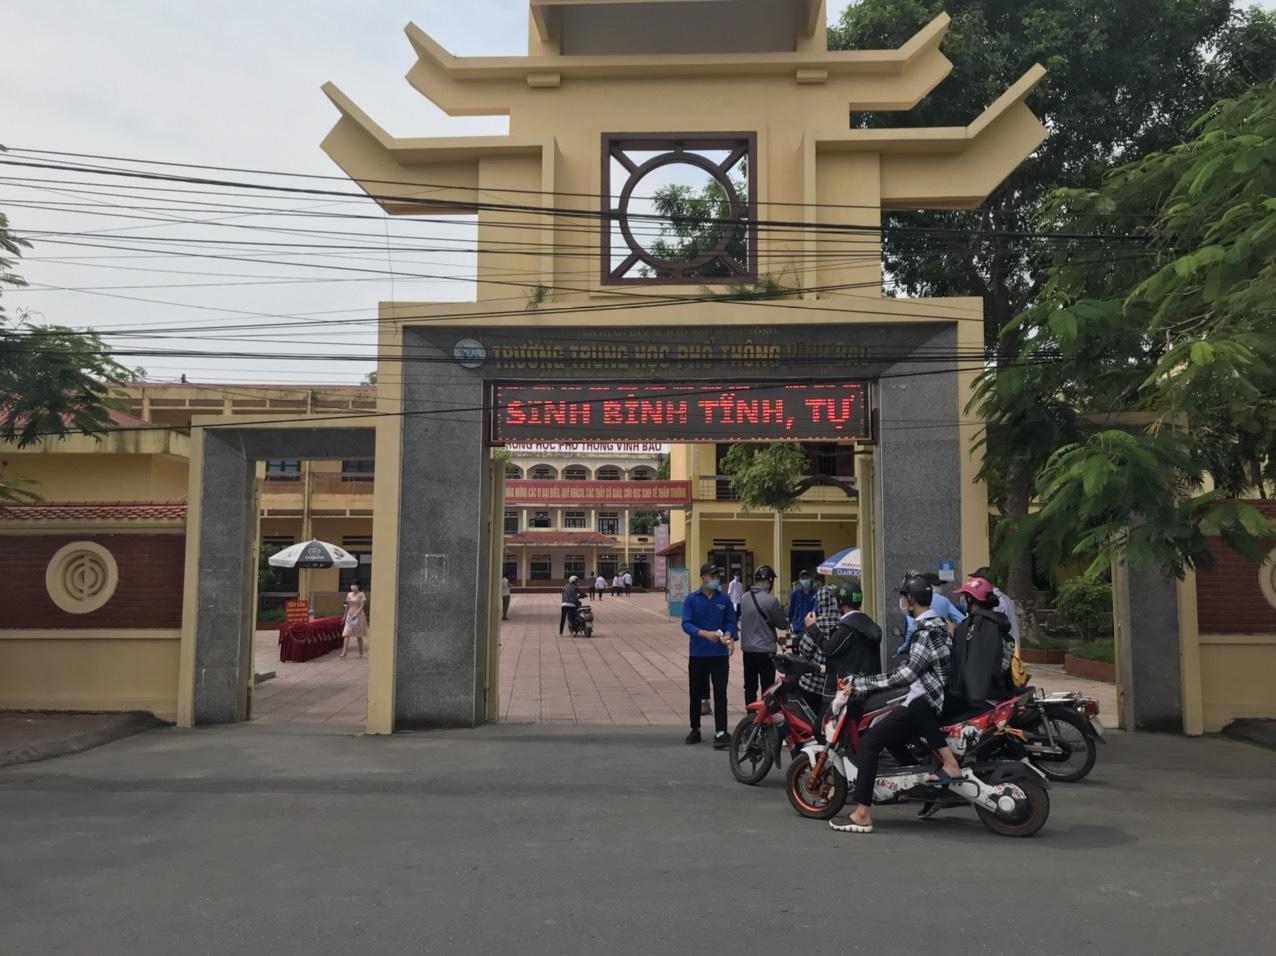 Các thí sinh đến làm thủ tục dự thi tại Điểm thi Trường THPT Vĩnh Bảo, Hải Phòng. Ảnh: BGDTĐ